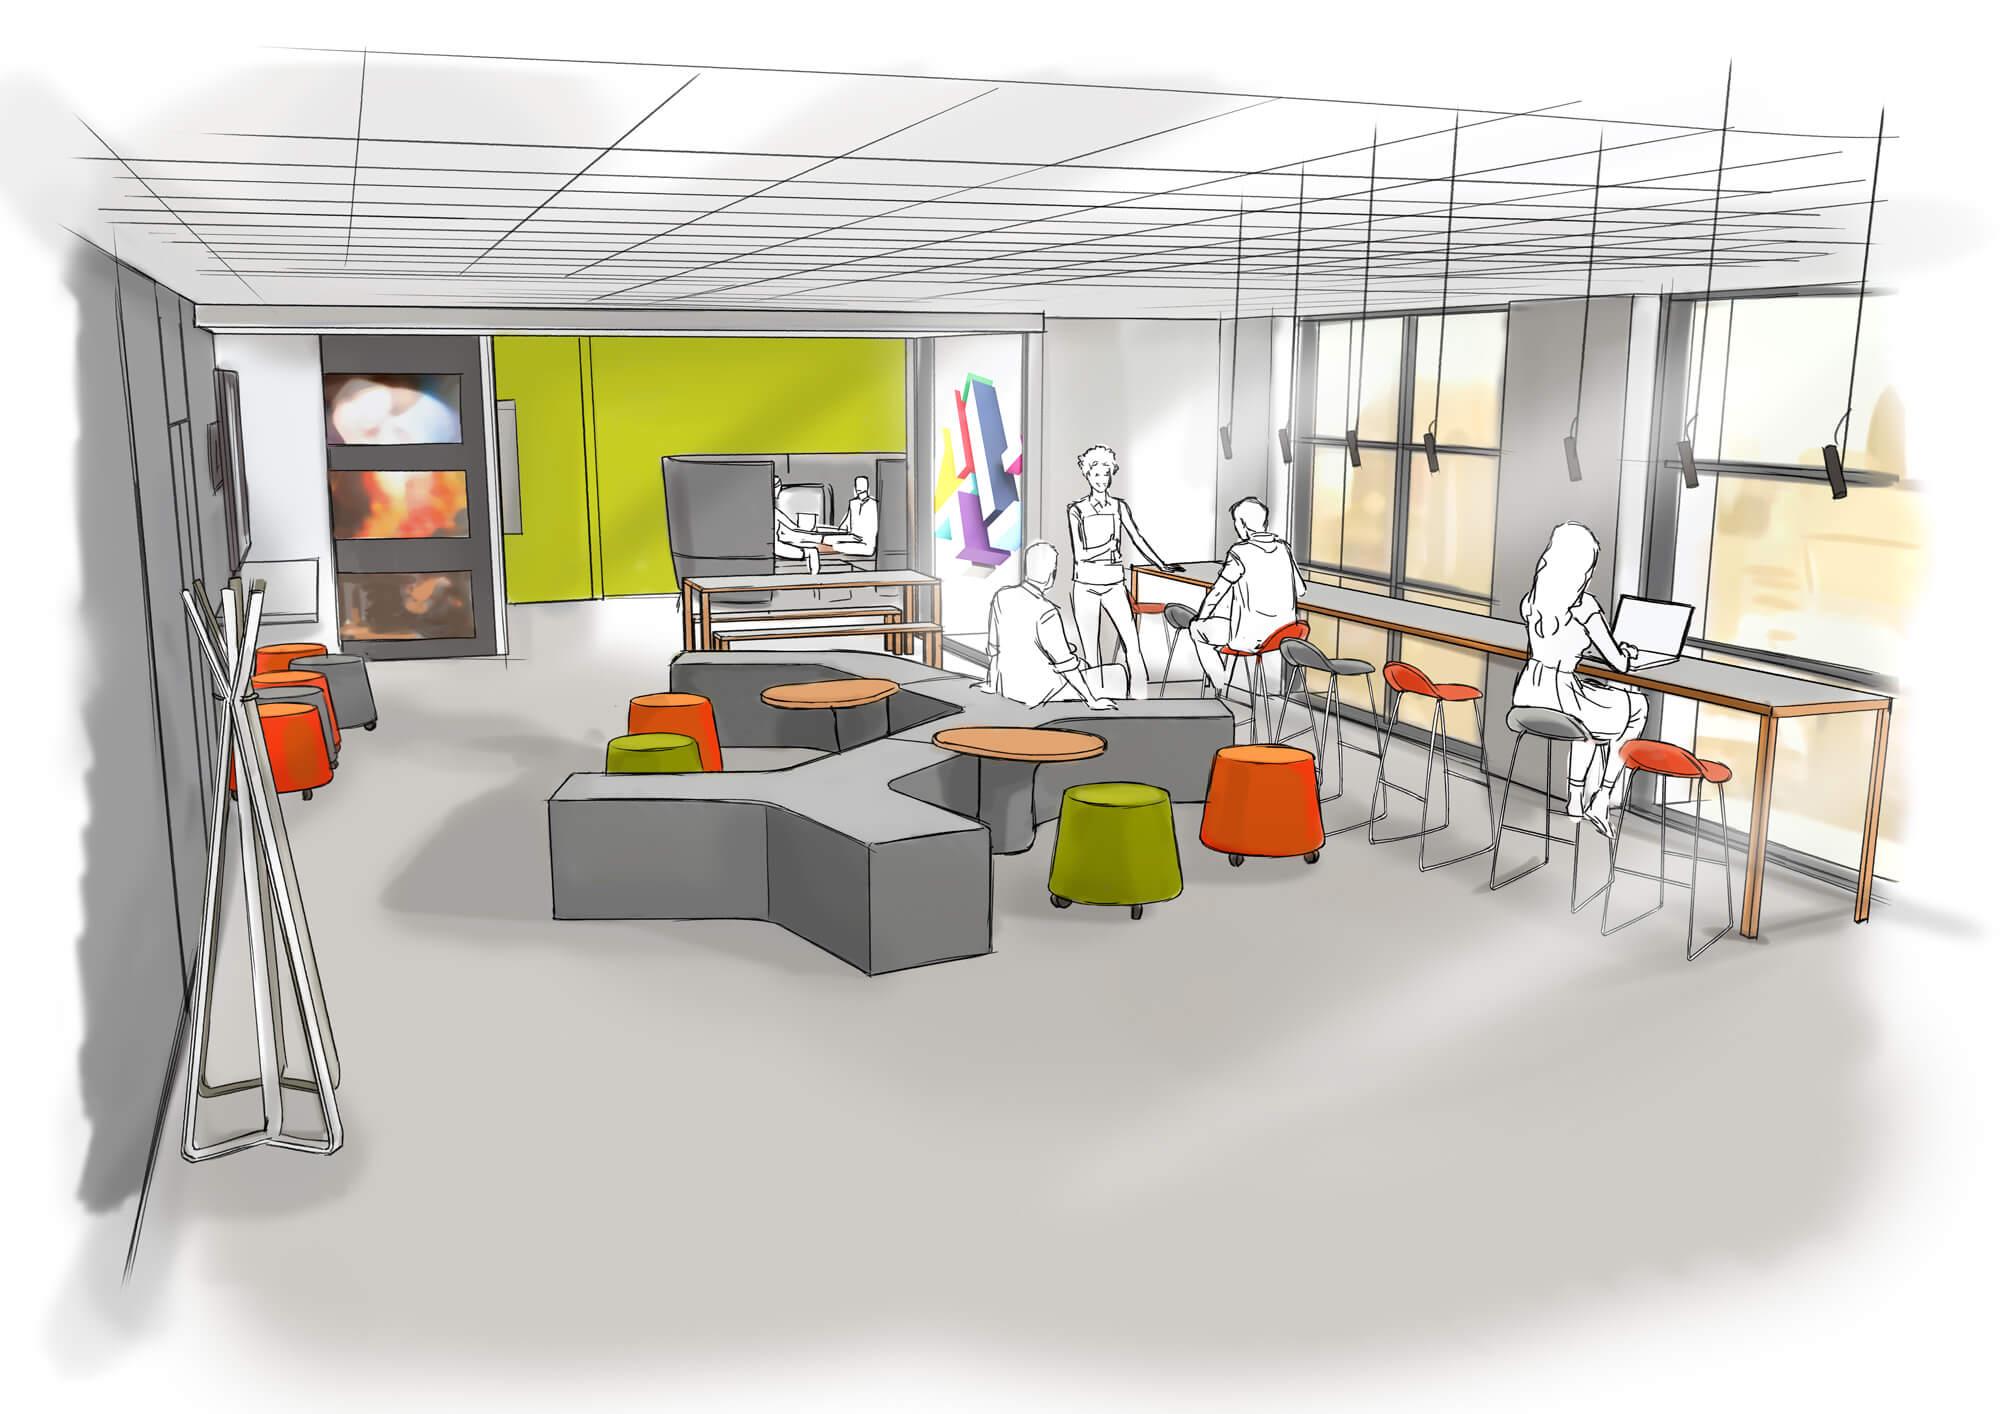 Channel4_InteriorDesign2.jpg